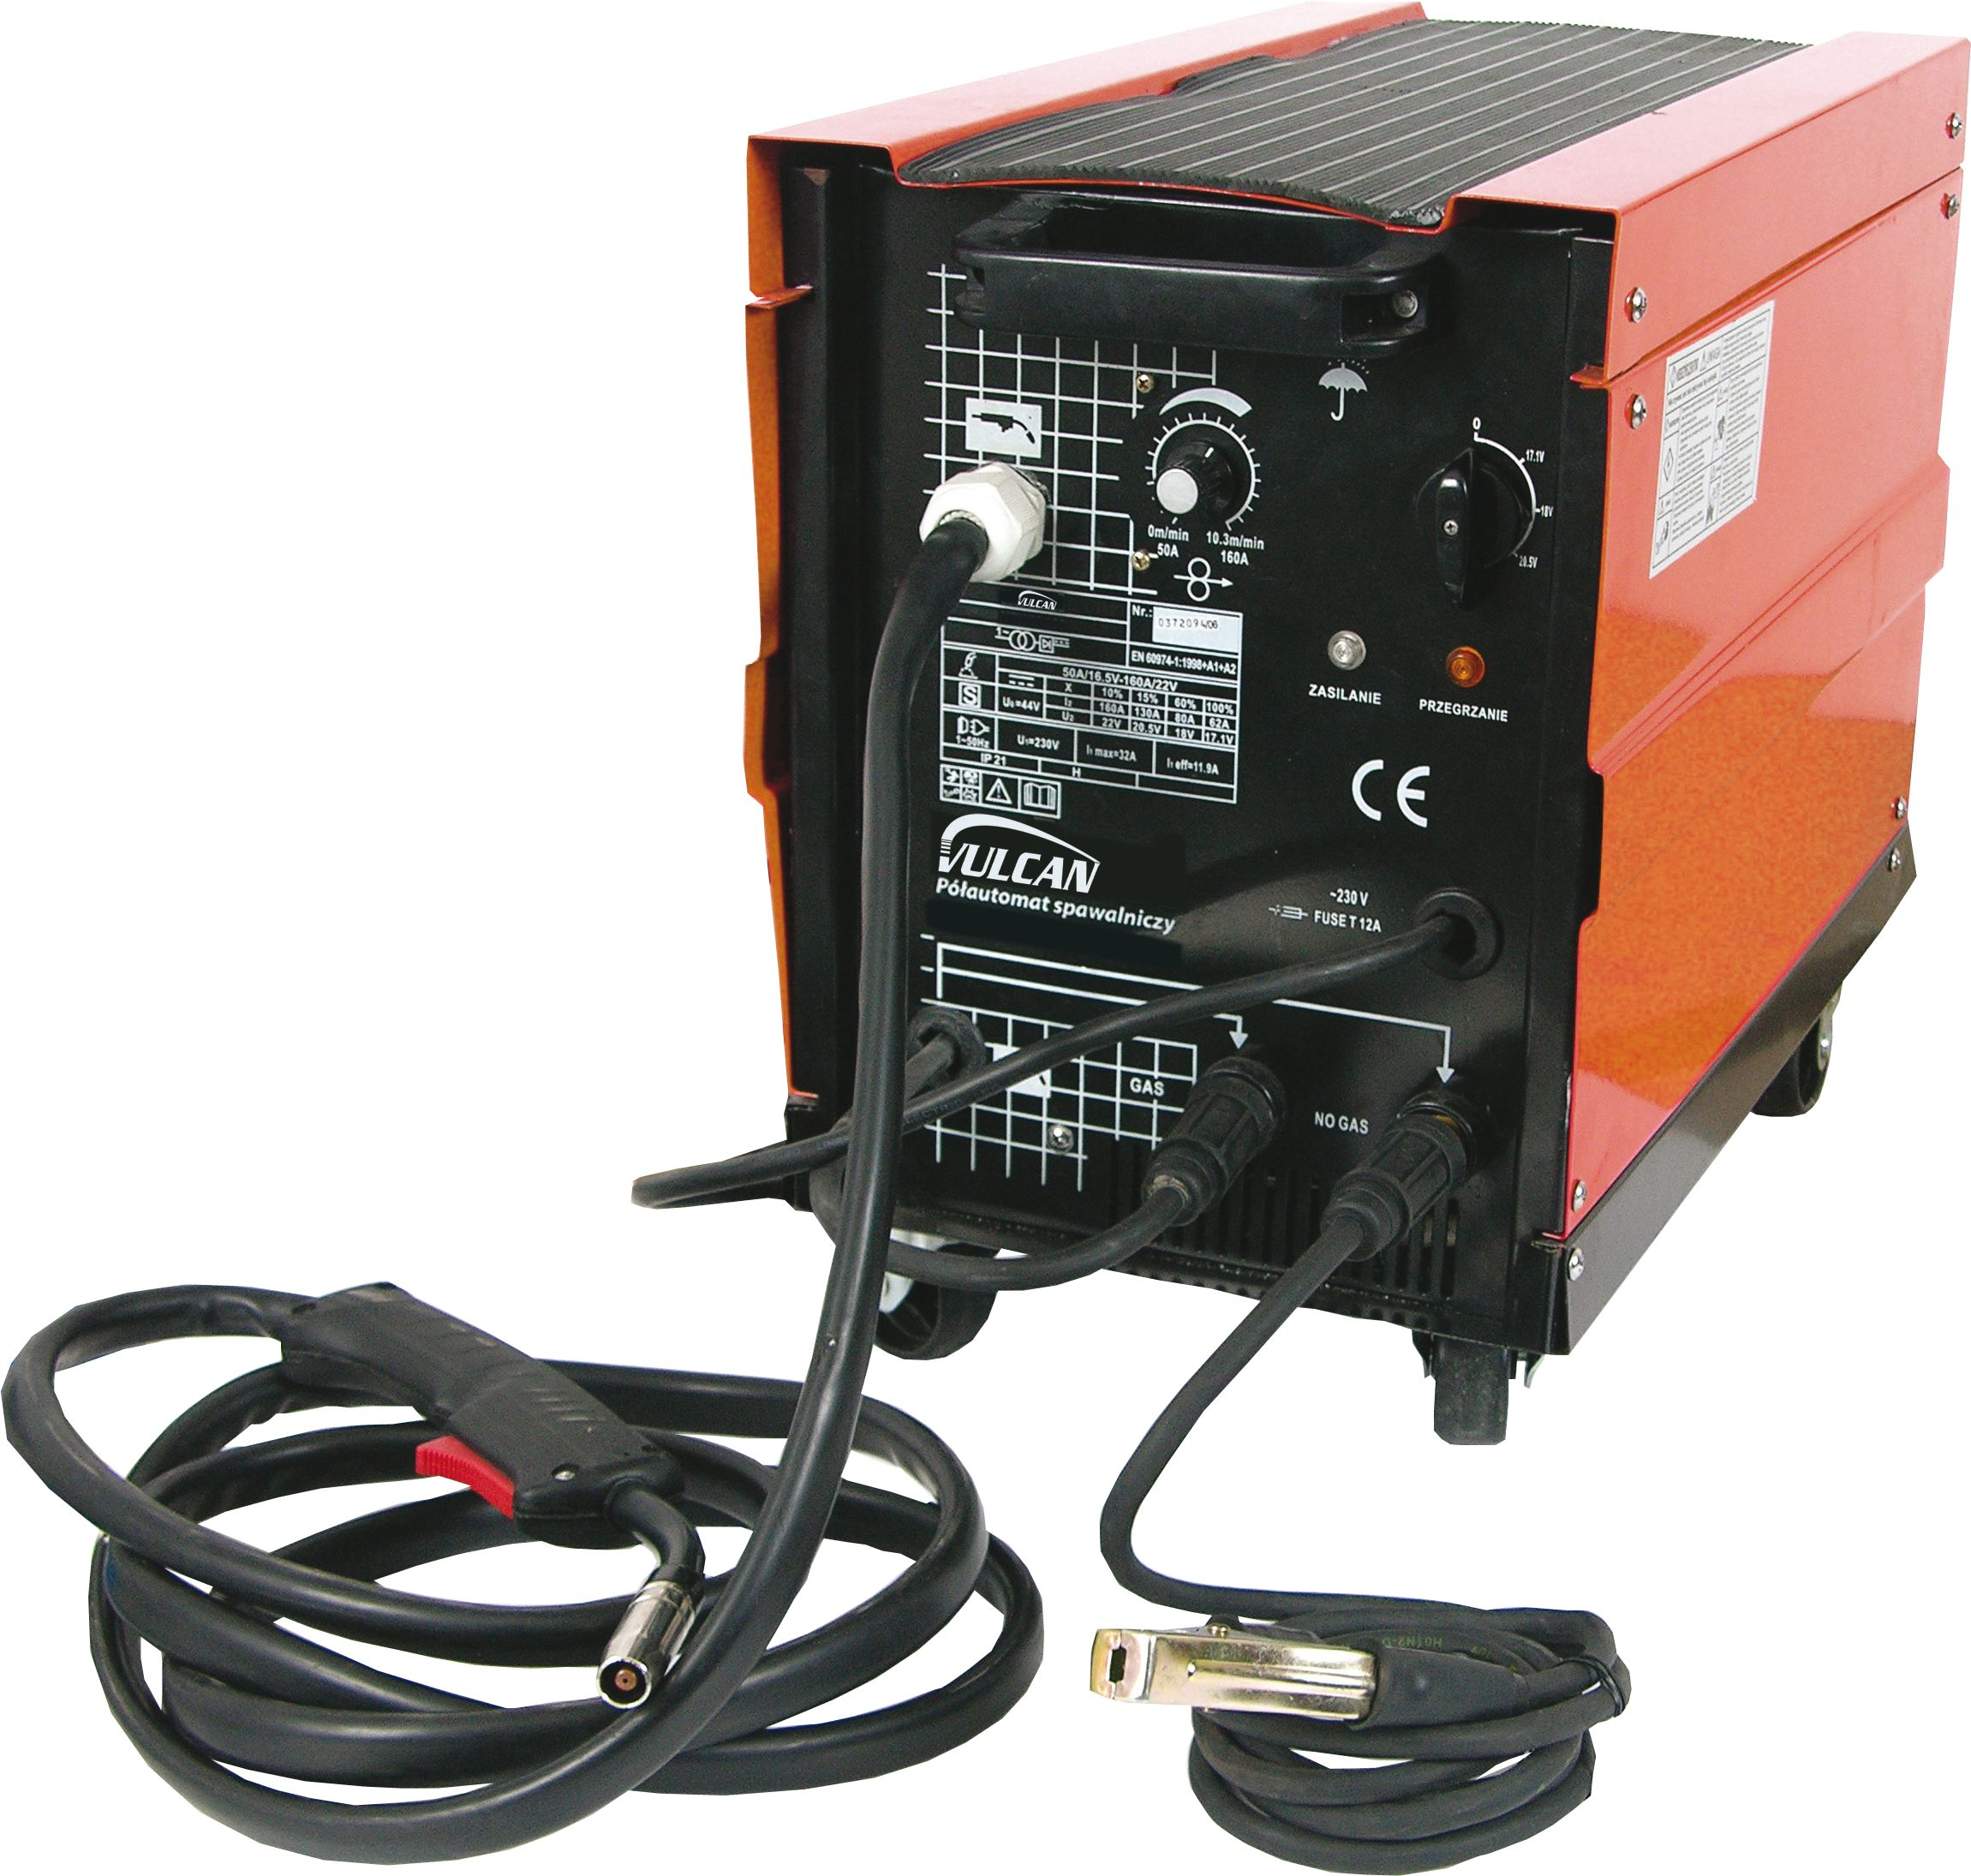 VMIG150 Spawarka Mig/Mag 150A, 230V, Vulcan